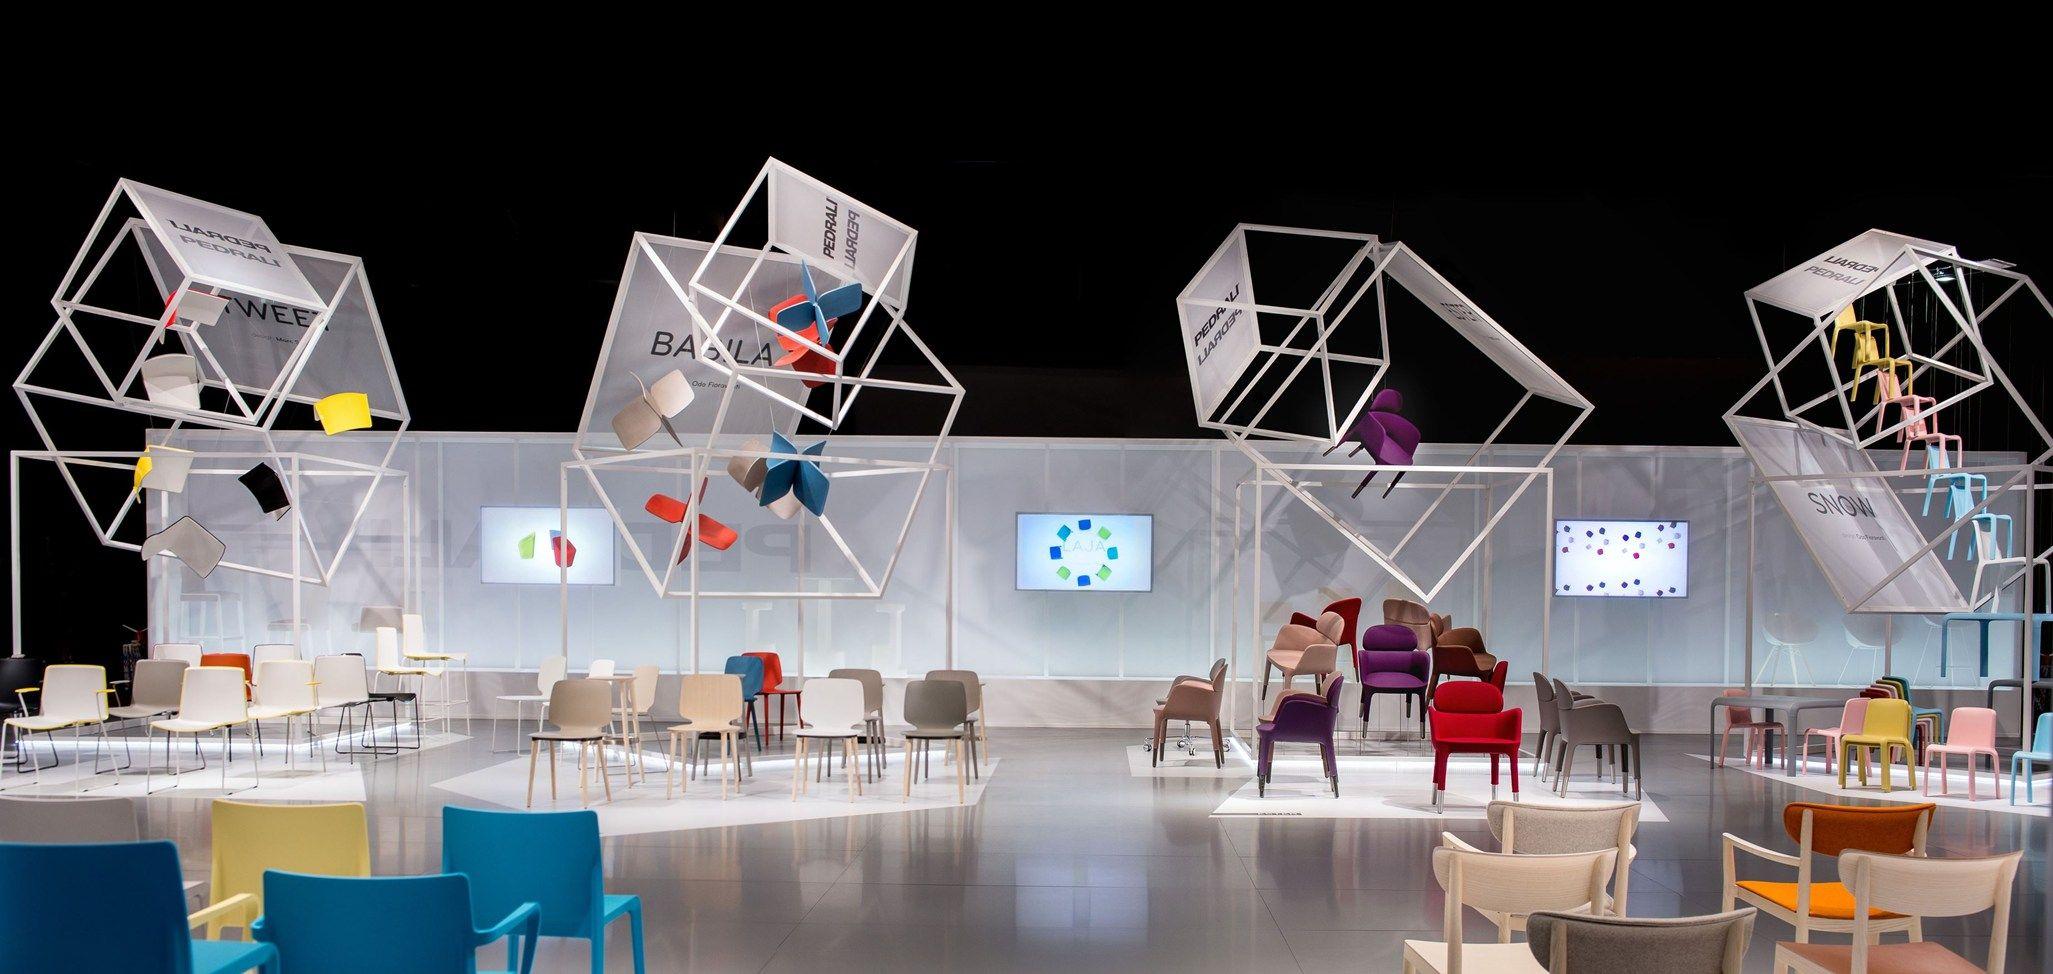 Migliore servetto for pedrali exhibition at isaloni for Fiera del mobile